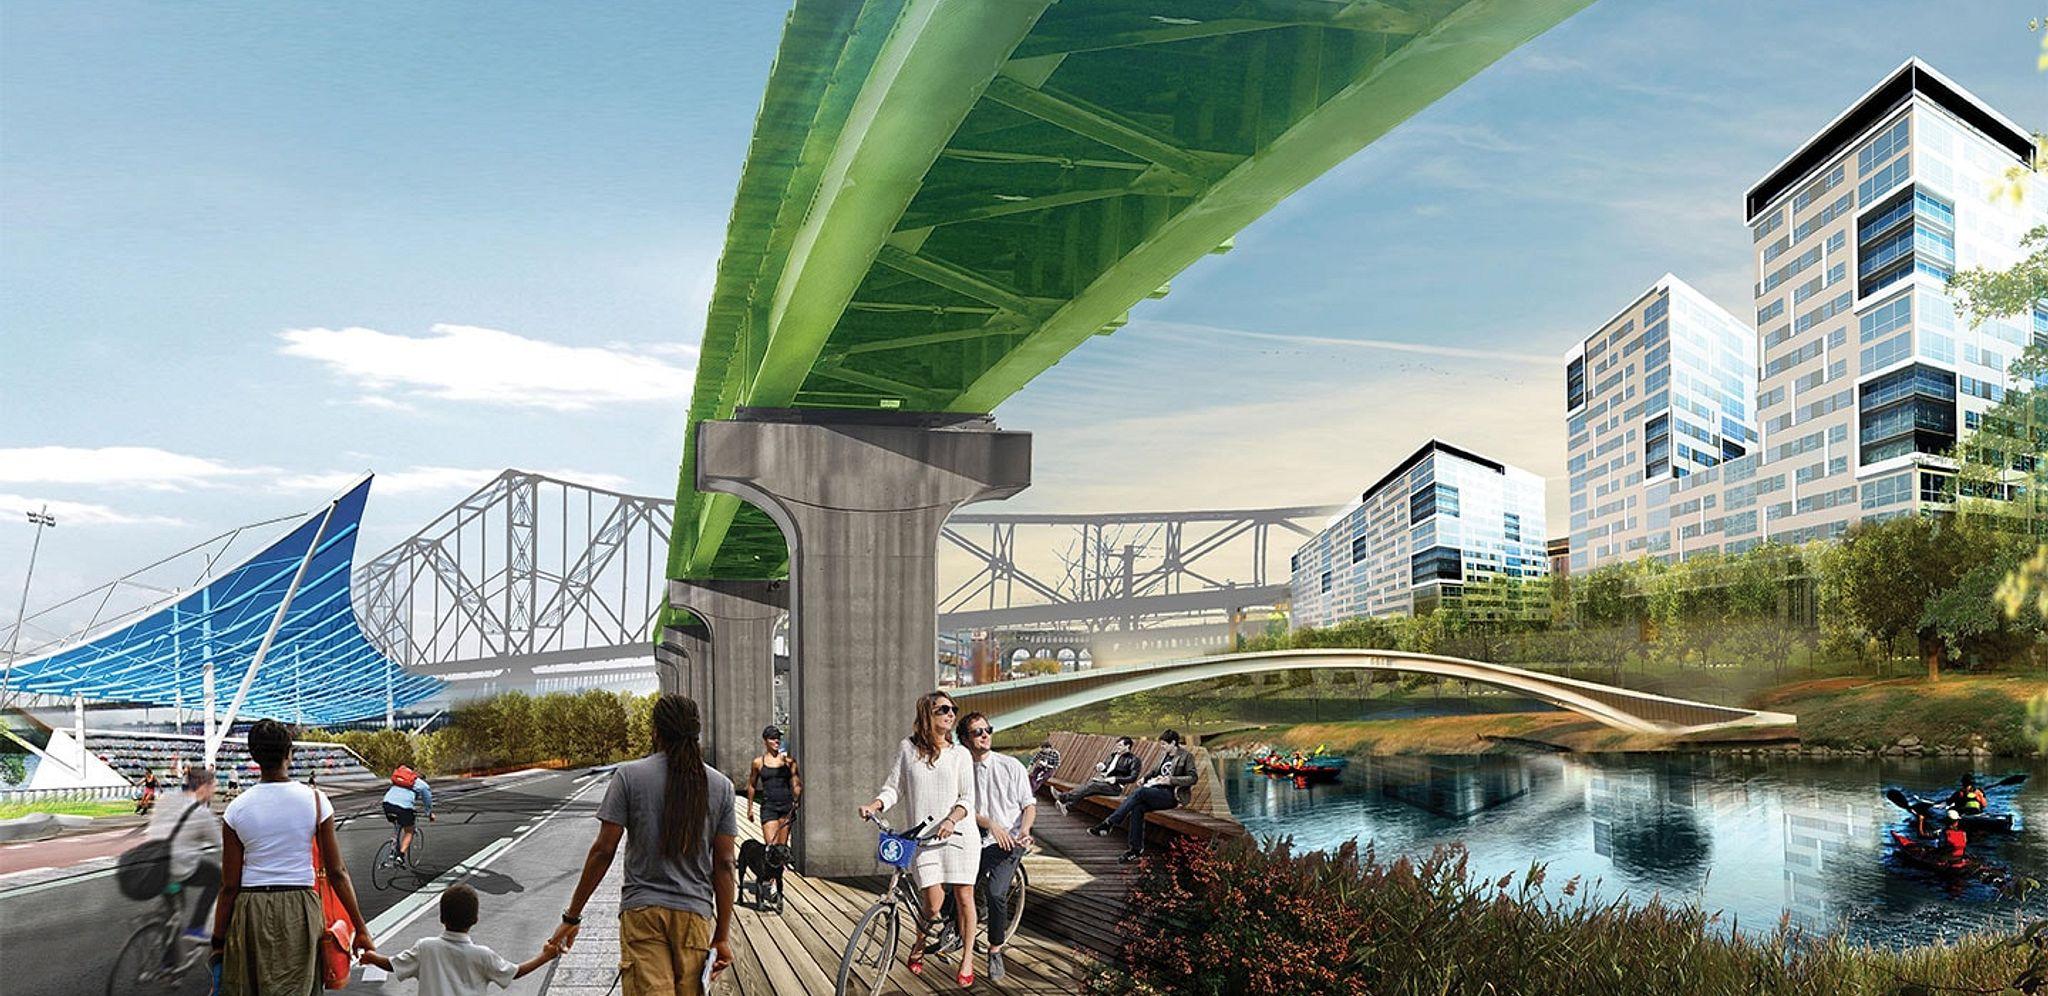 North Riverfront Large Header Image6